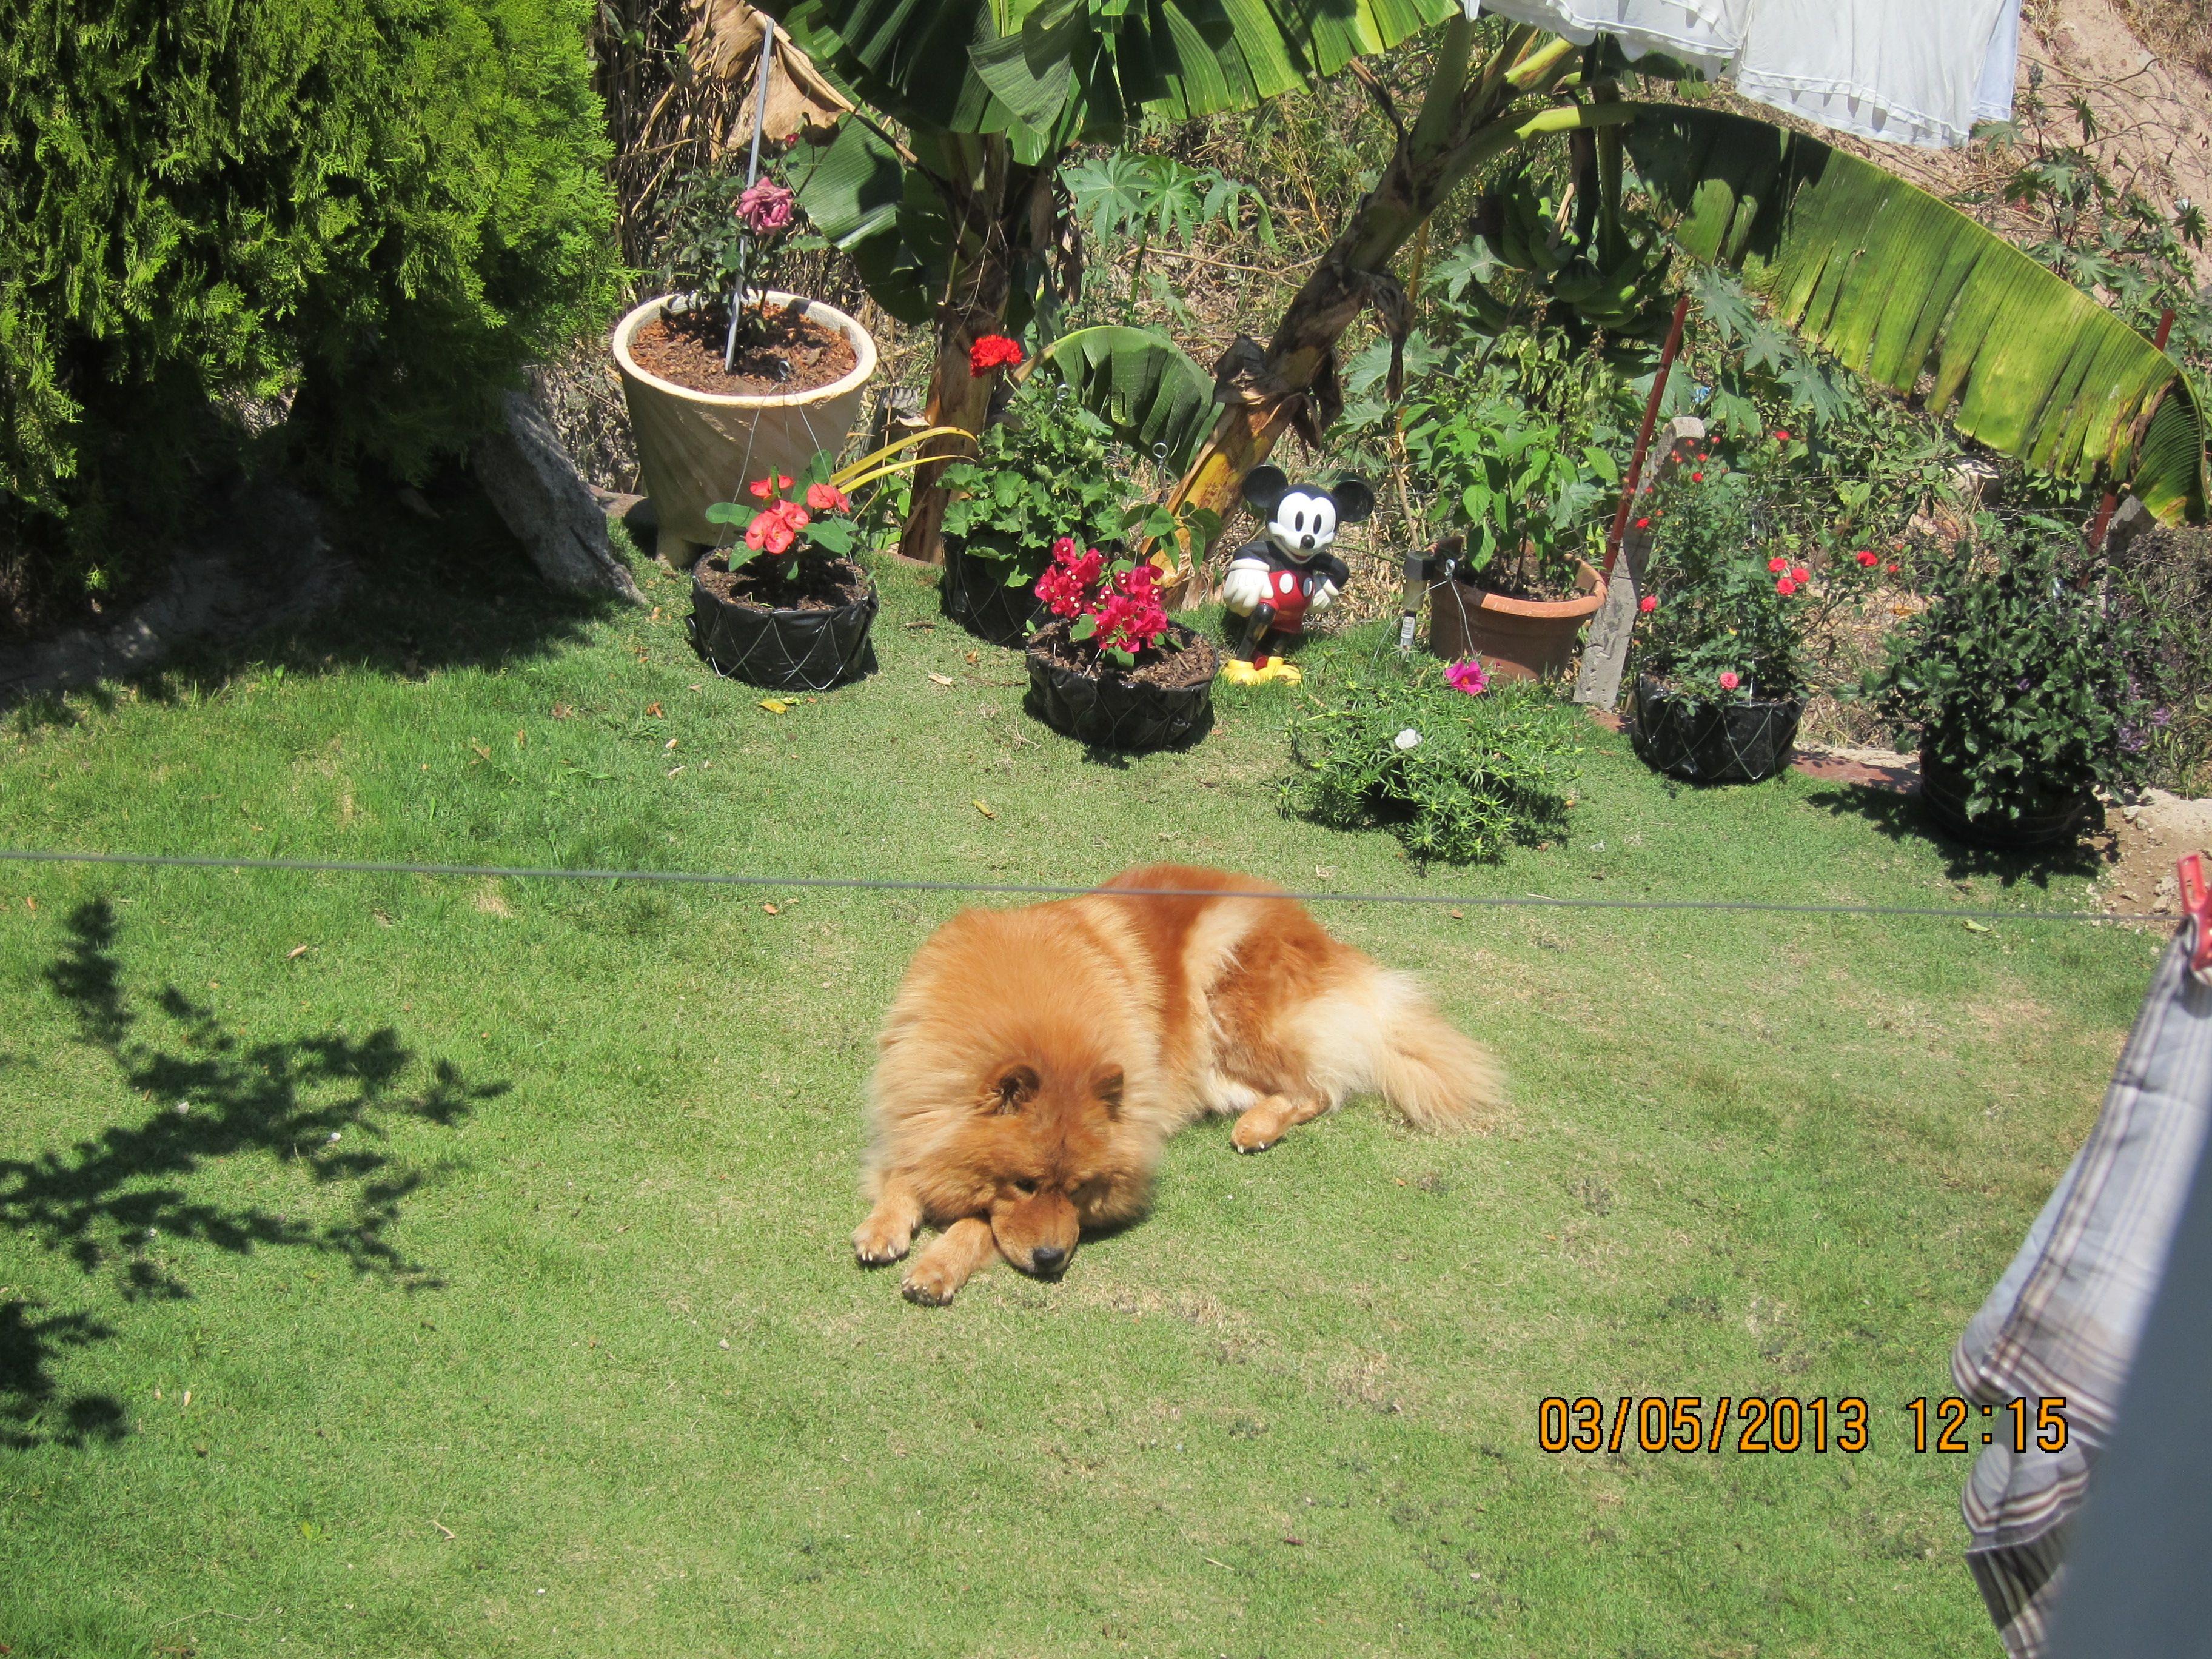 La Mascota en el patio